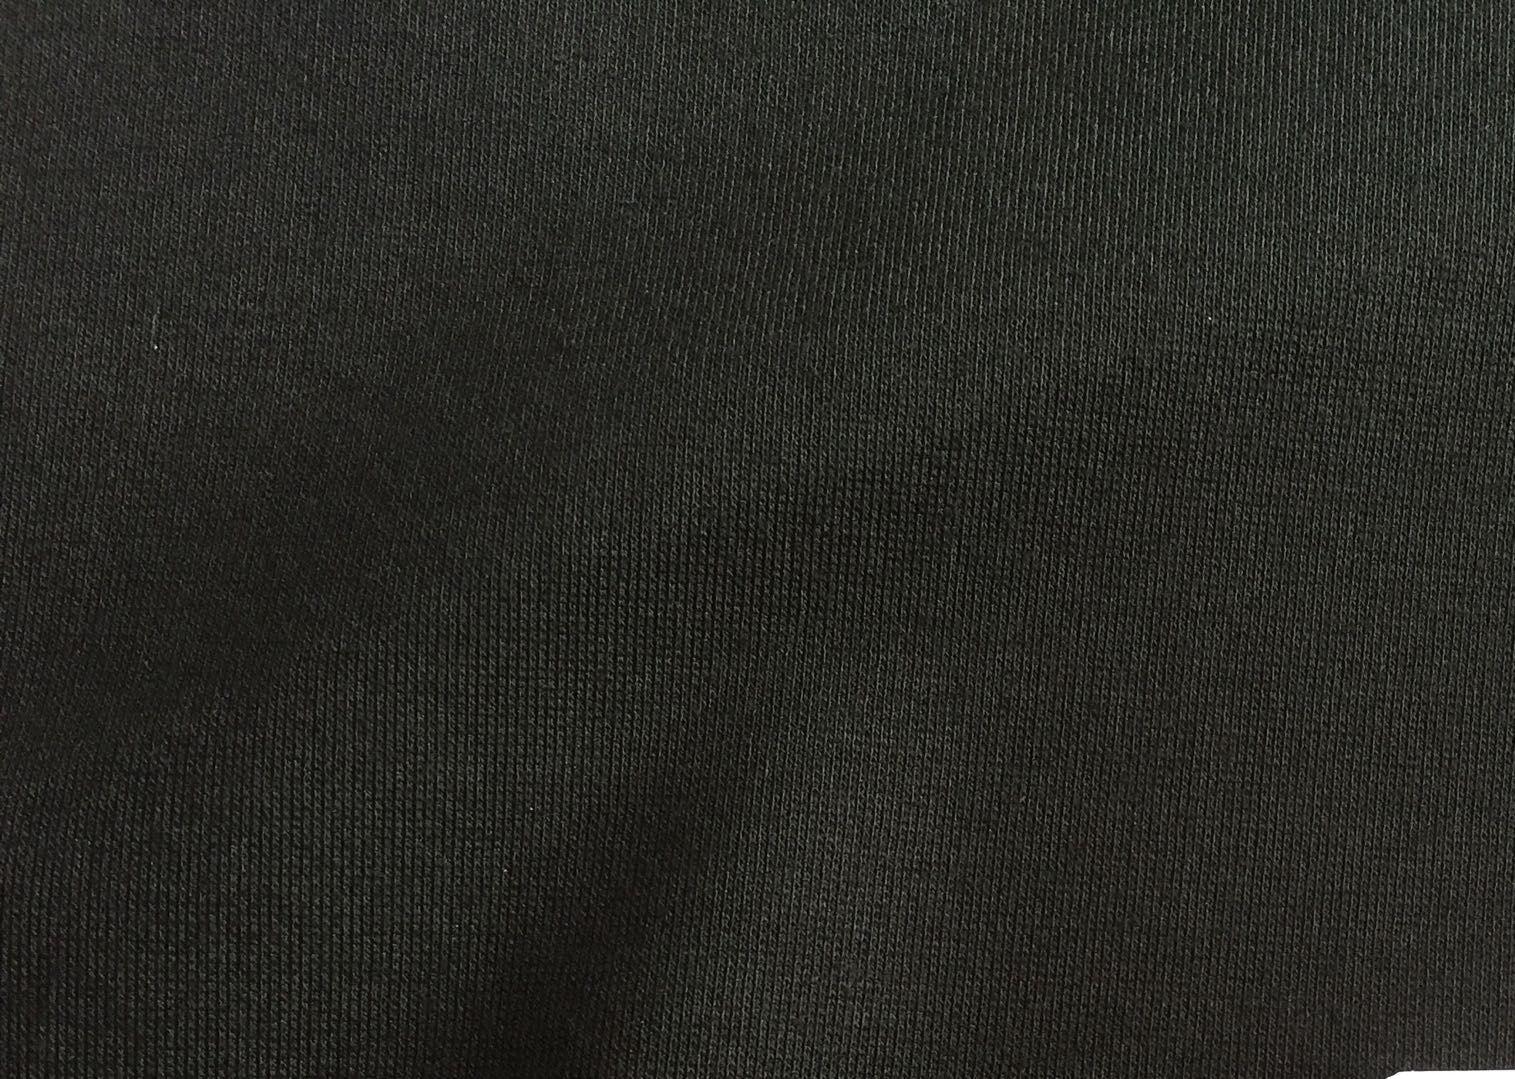 50sNR-roma fabric (SCY product model)